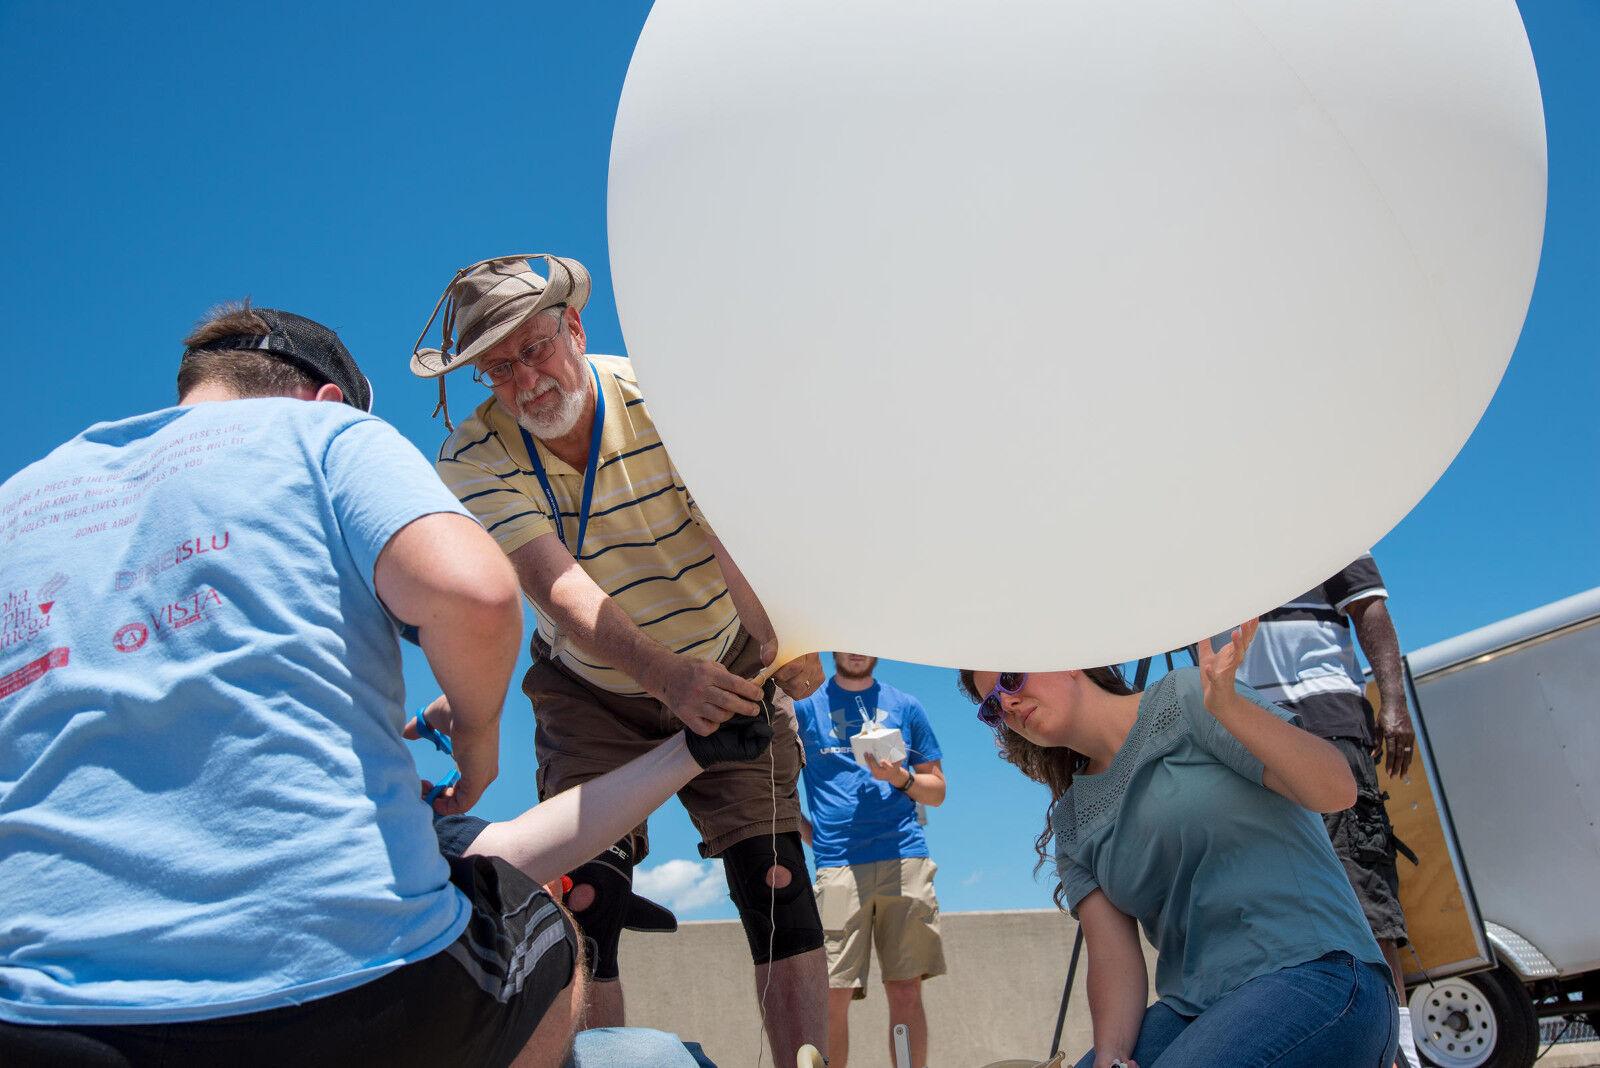 TAILLE éNORME 27 FT (environ 8.23 m) ballon météo